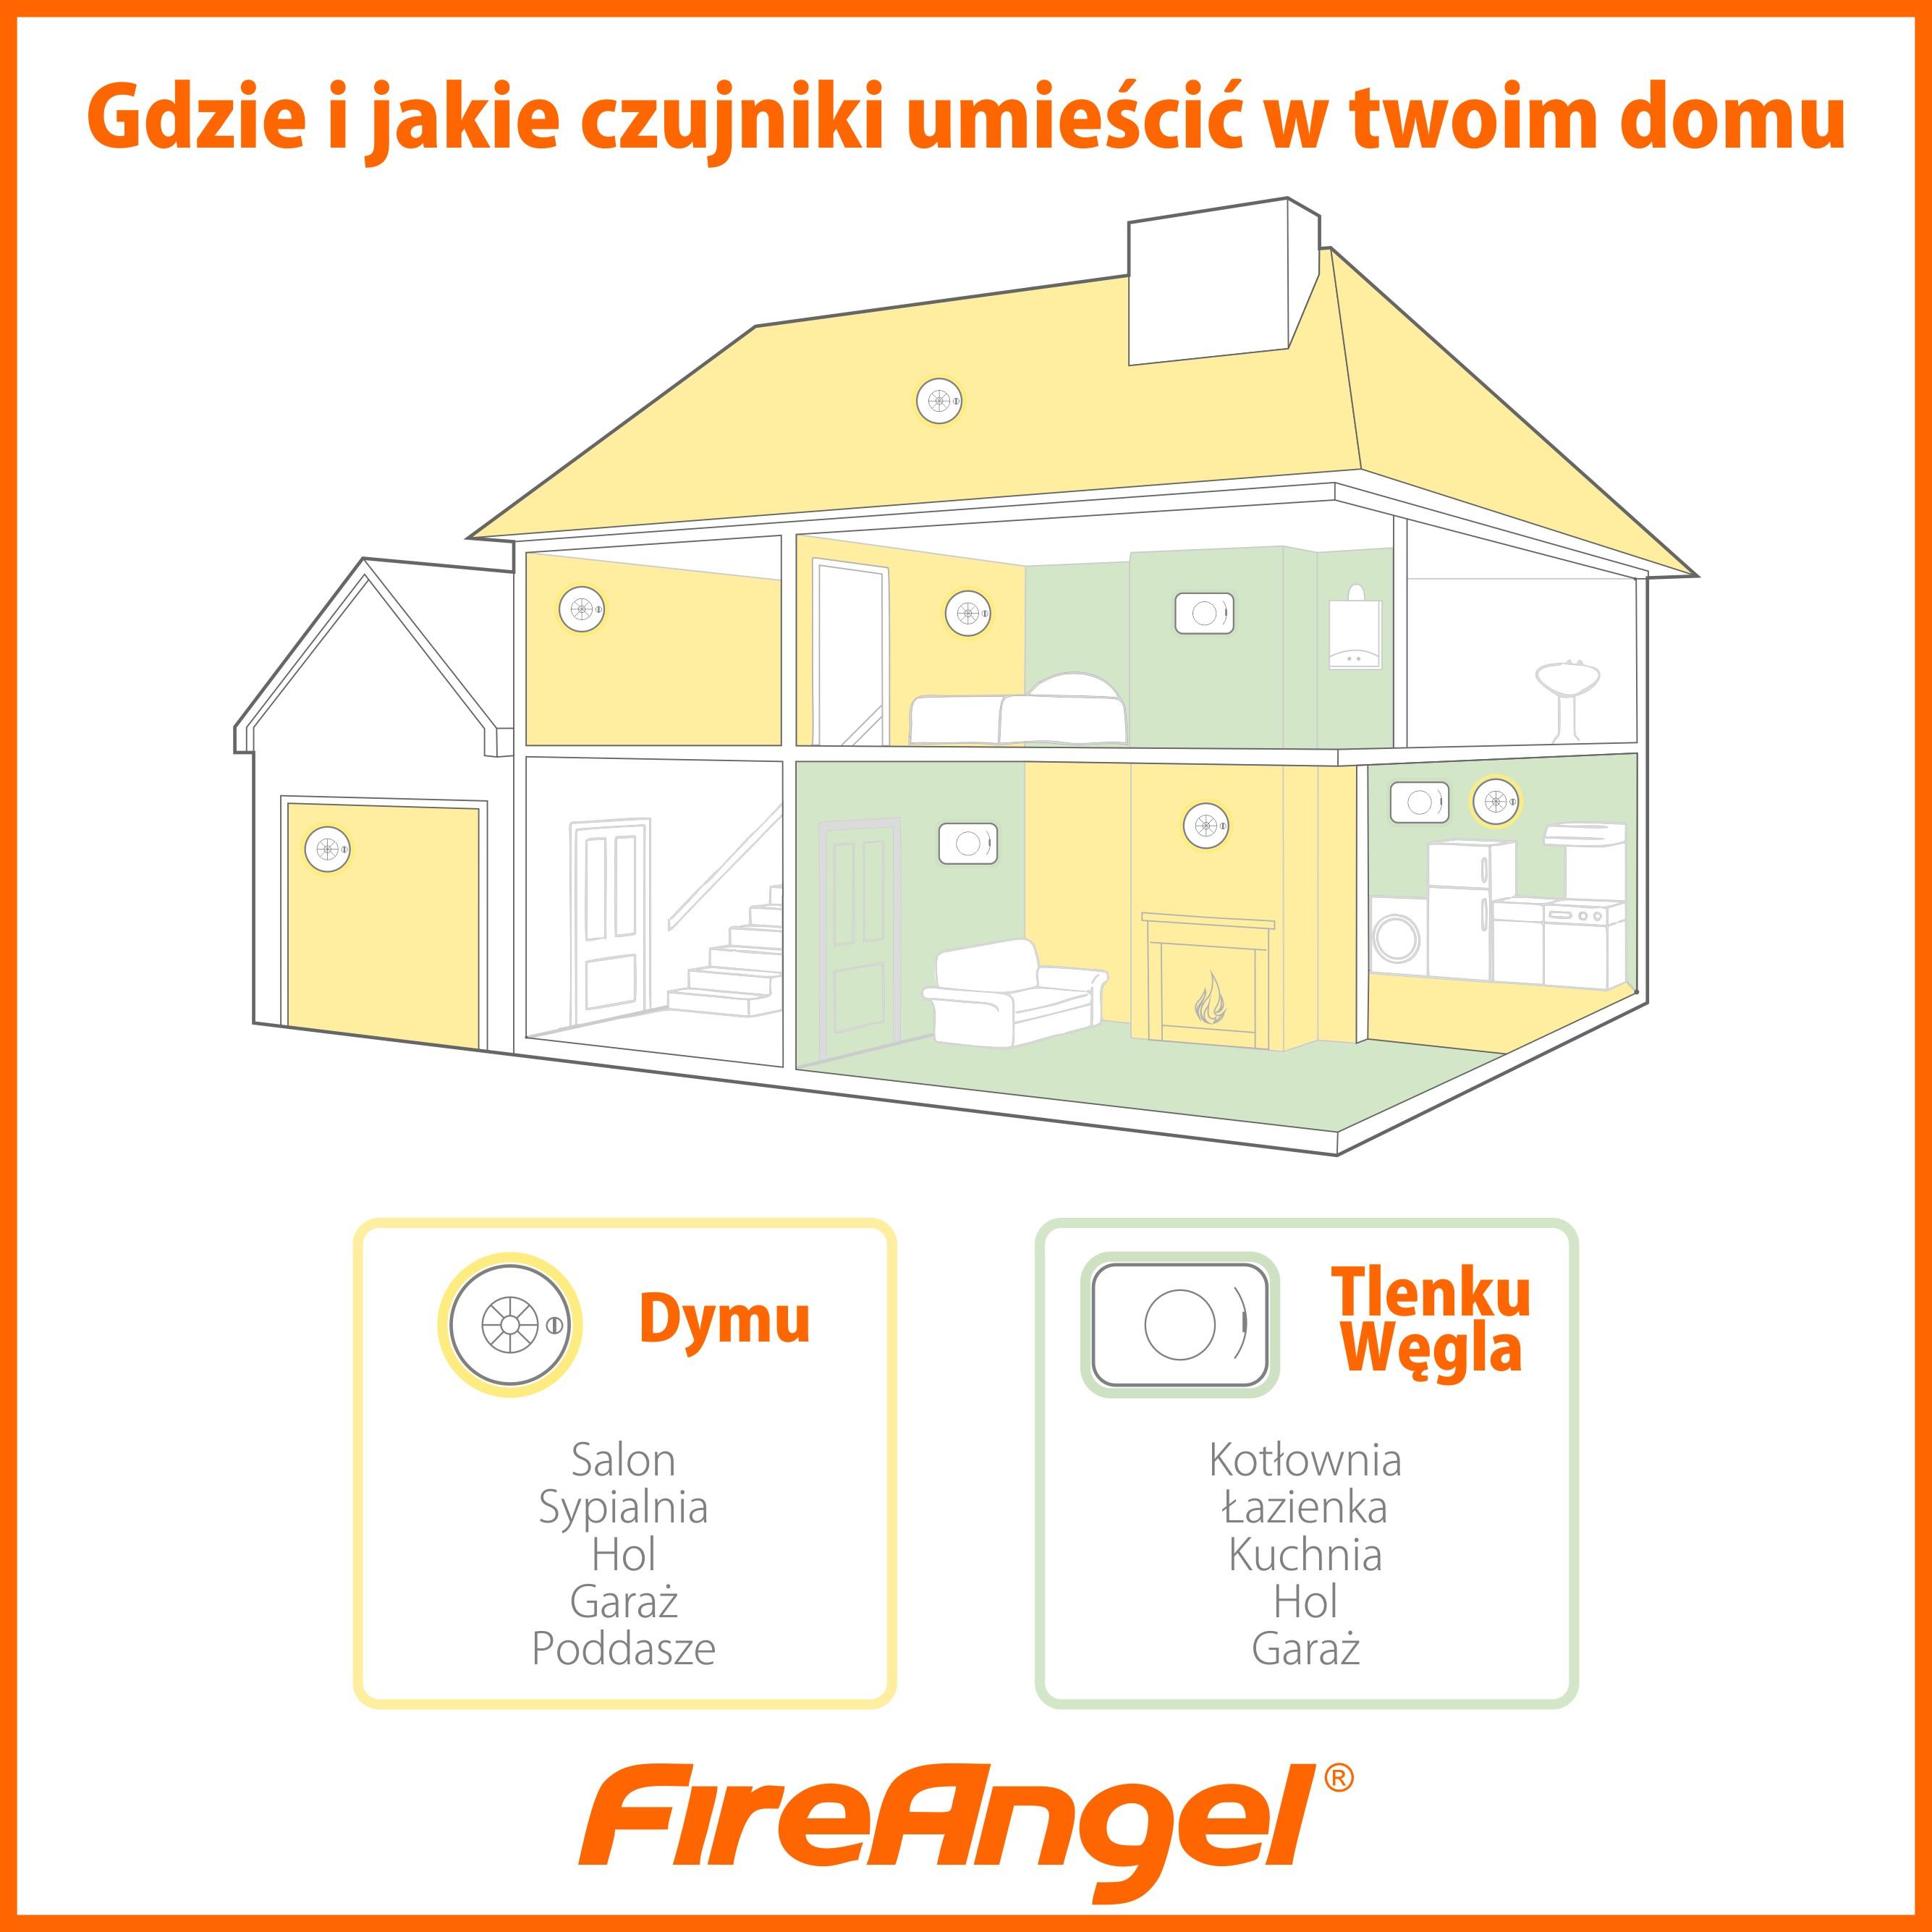 FireAngel - rozmieszczenie czujników w domu.